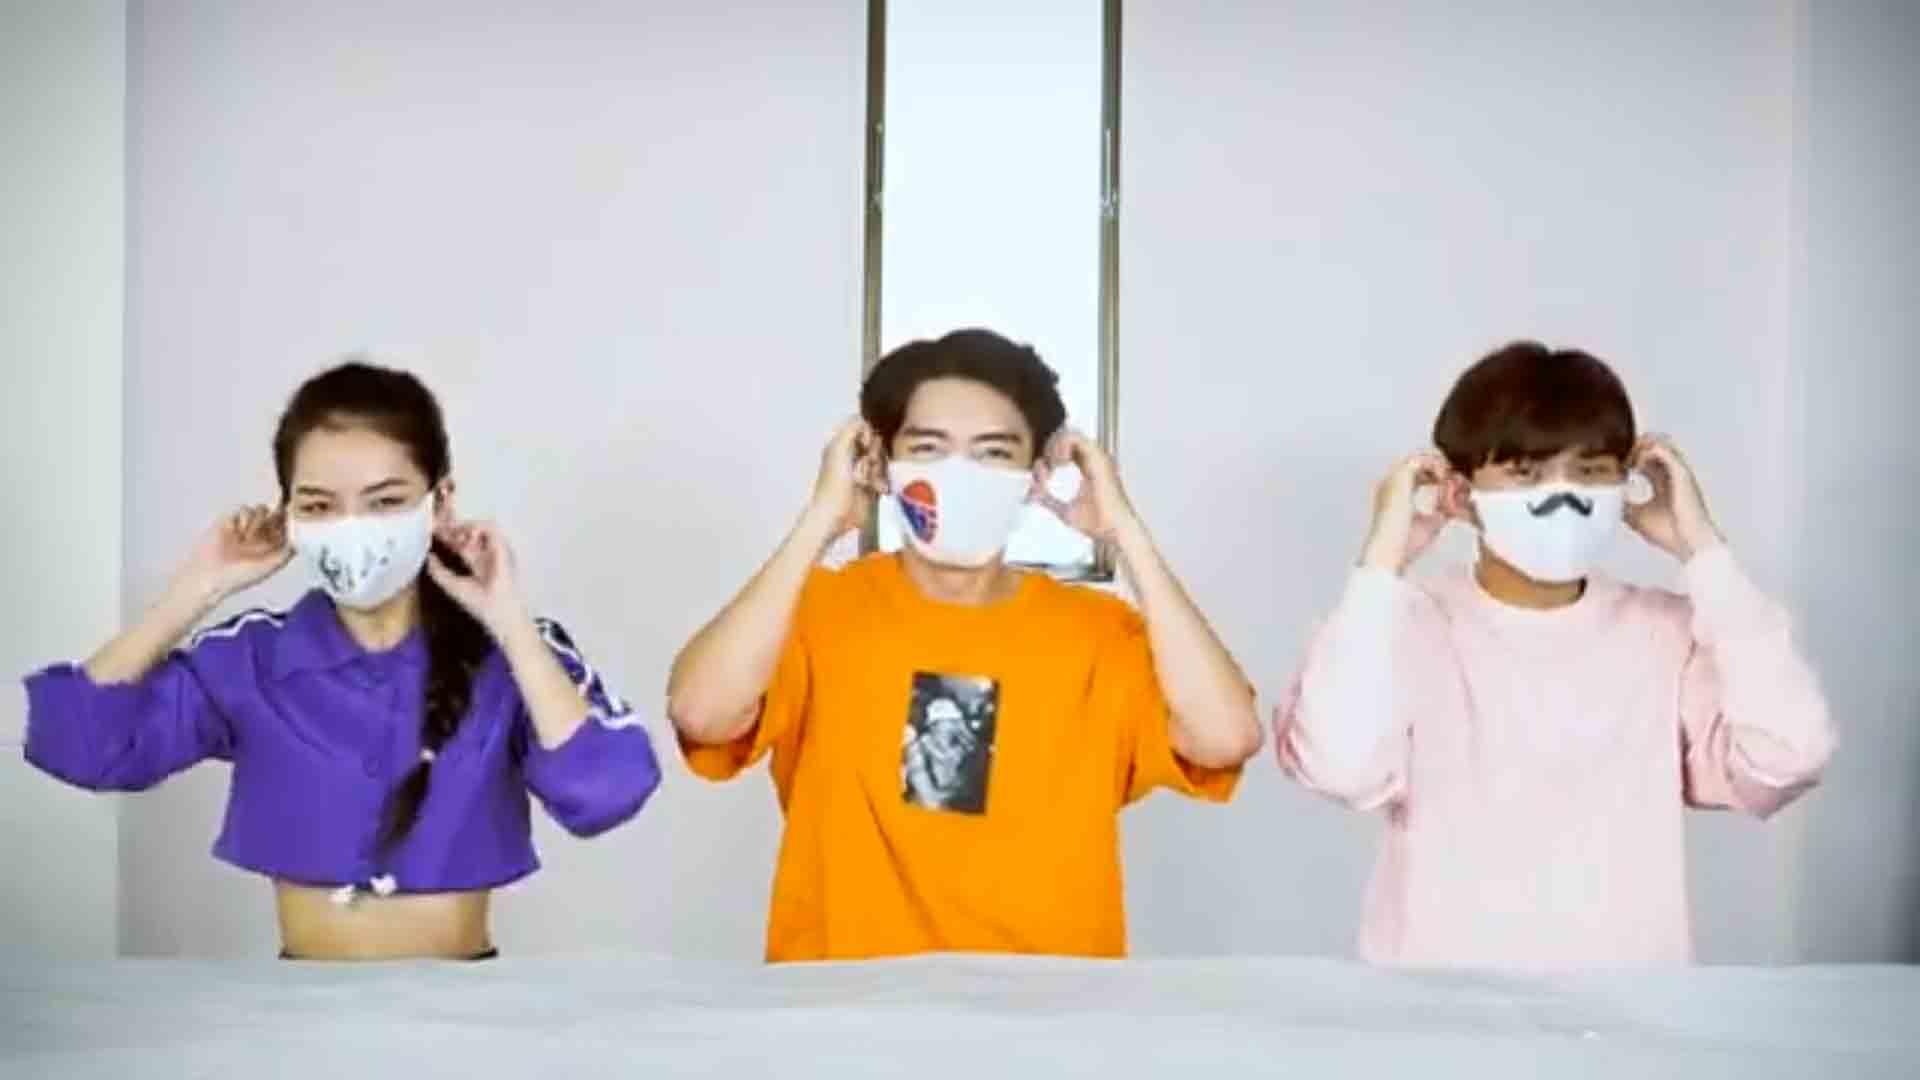 """Đeo khẩu trang lạc quan, vui vẻ như điệu """"Happy mask"""" của Quang Đăng"""